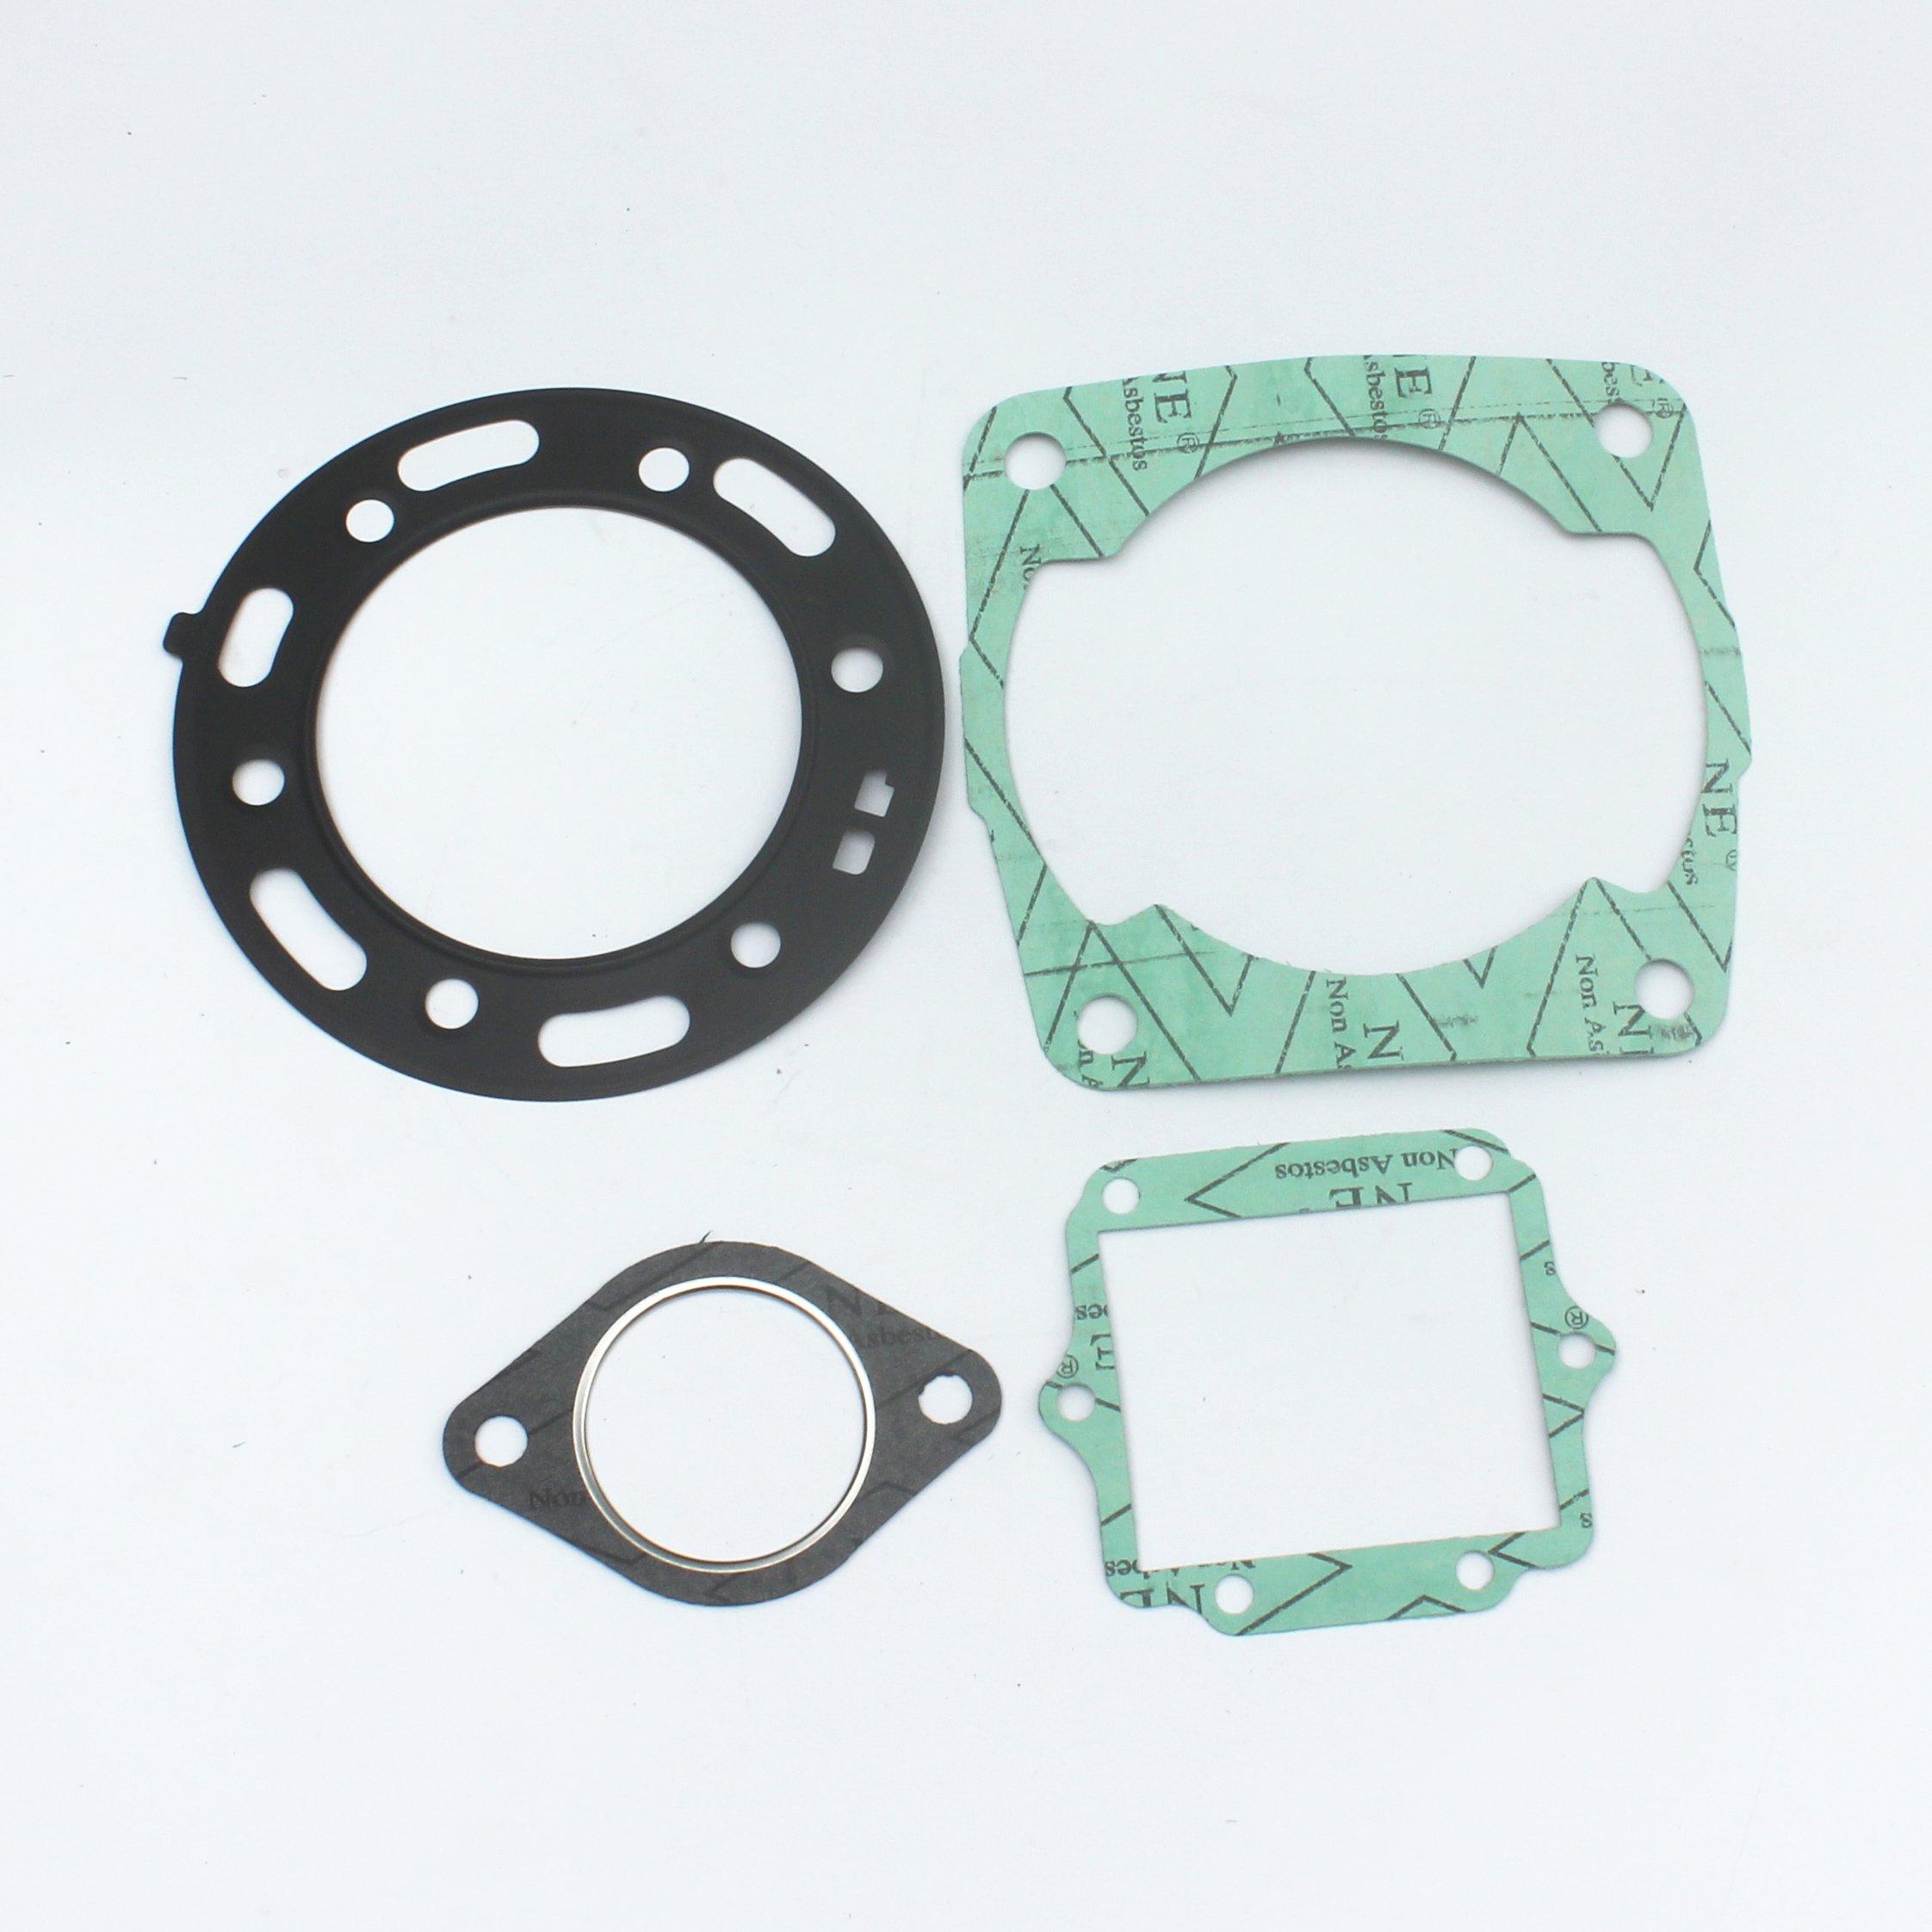 KIPA Top End Head Gasket Kit For POLARIS 400L Sport 400L Xplorer 400 4X4 Xpress 400 Sportsman 400 4X4 SCRAMBLER 400 2X4 4X4 ATV Asbestors-Free by KIPA (Image #3)